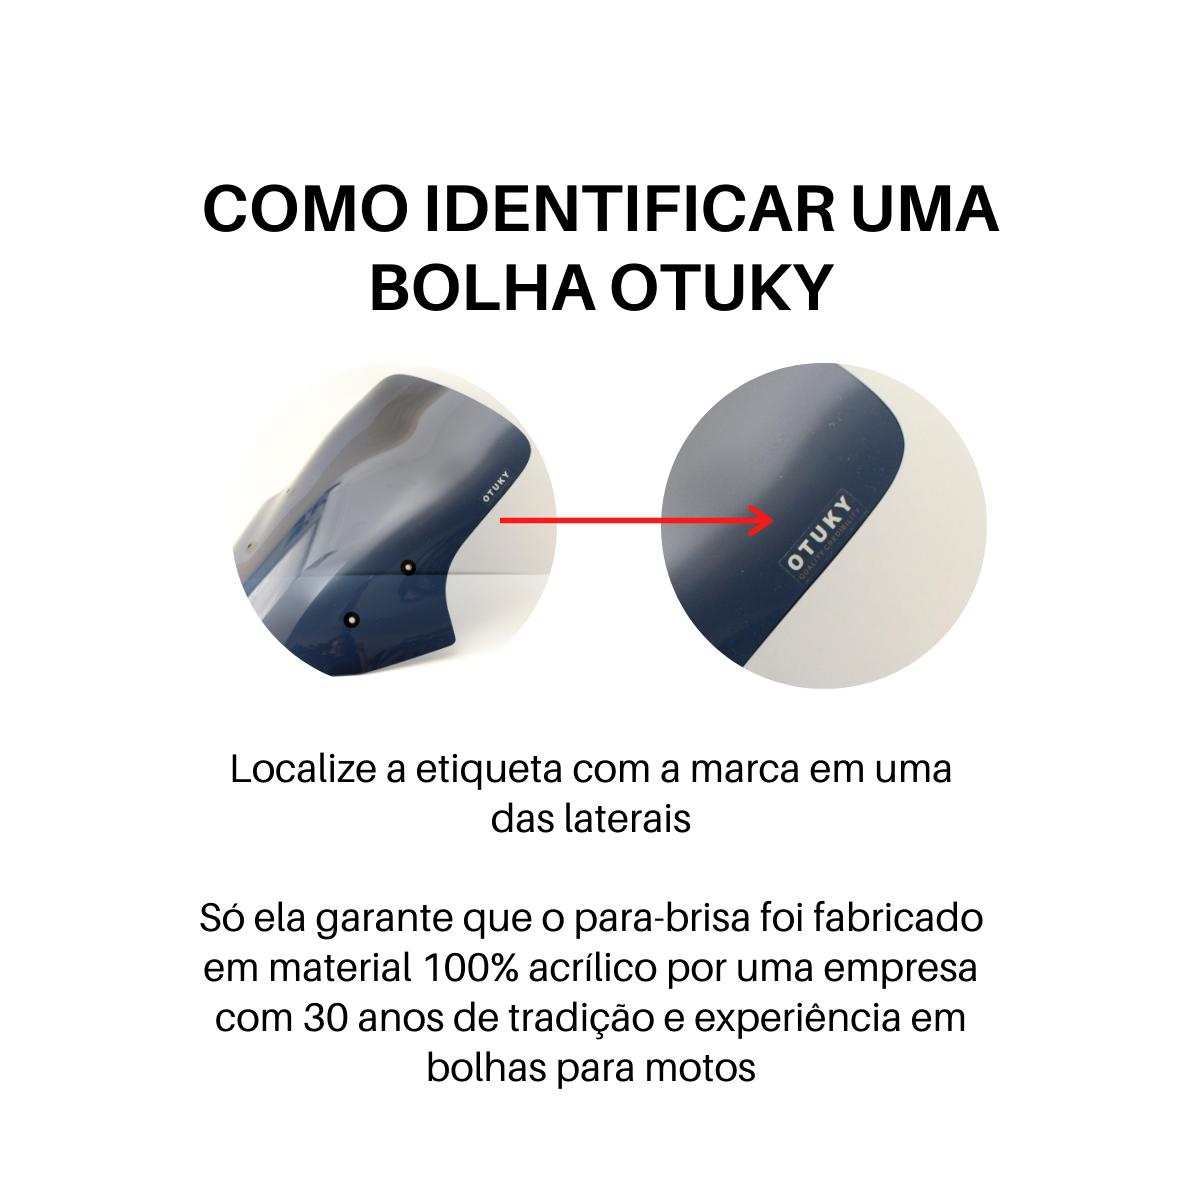 Bolha para Moto PCX 125 150 2013 Até 2018 Otuky Padrão Fumê Cinza